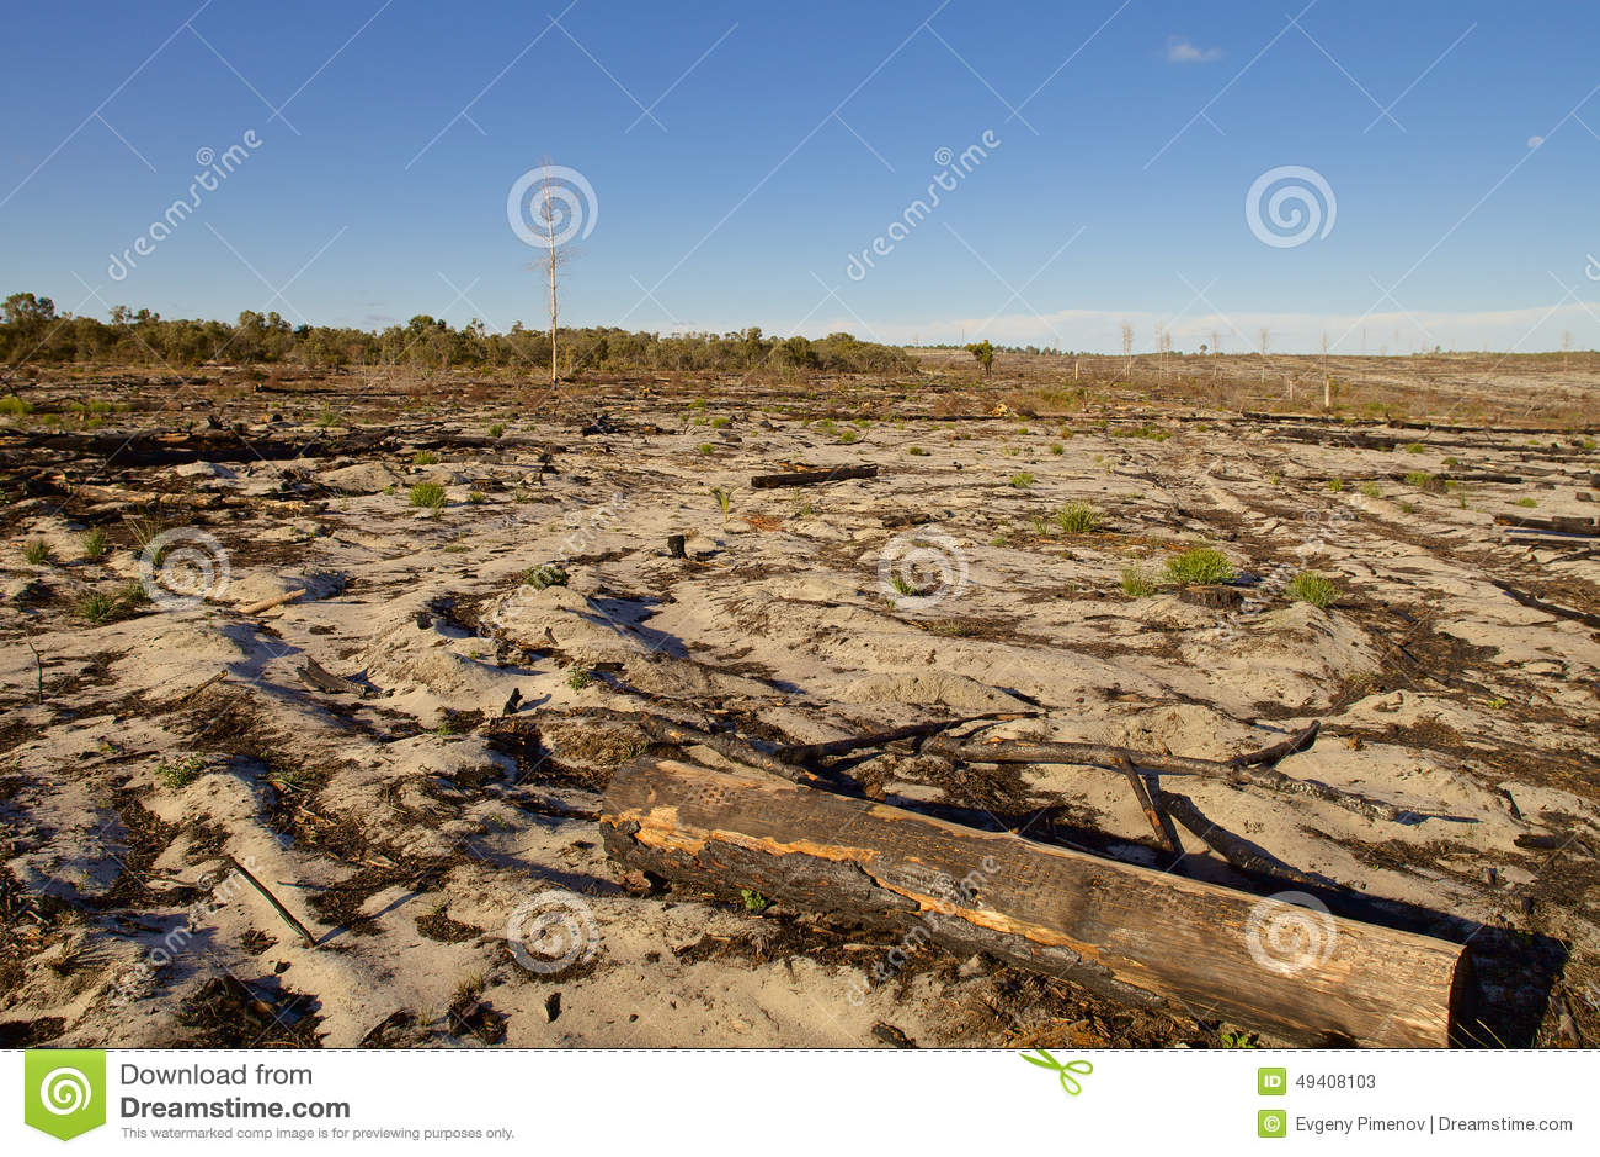 Download Australische Landschaft Am Sonnigen Tag Stockbild - Bild von trocken, blau: 49408103